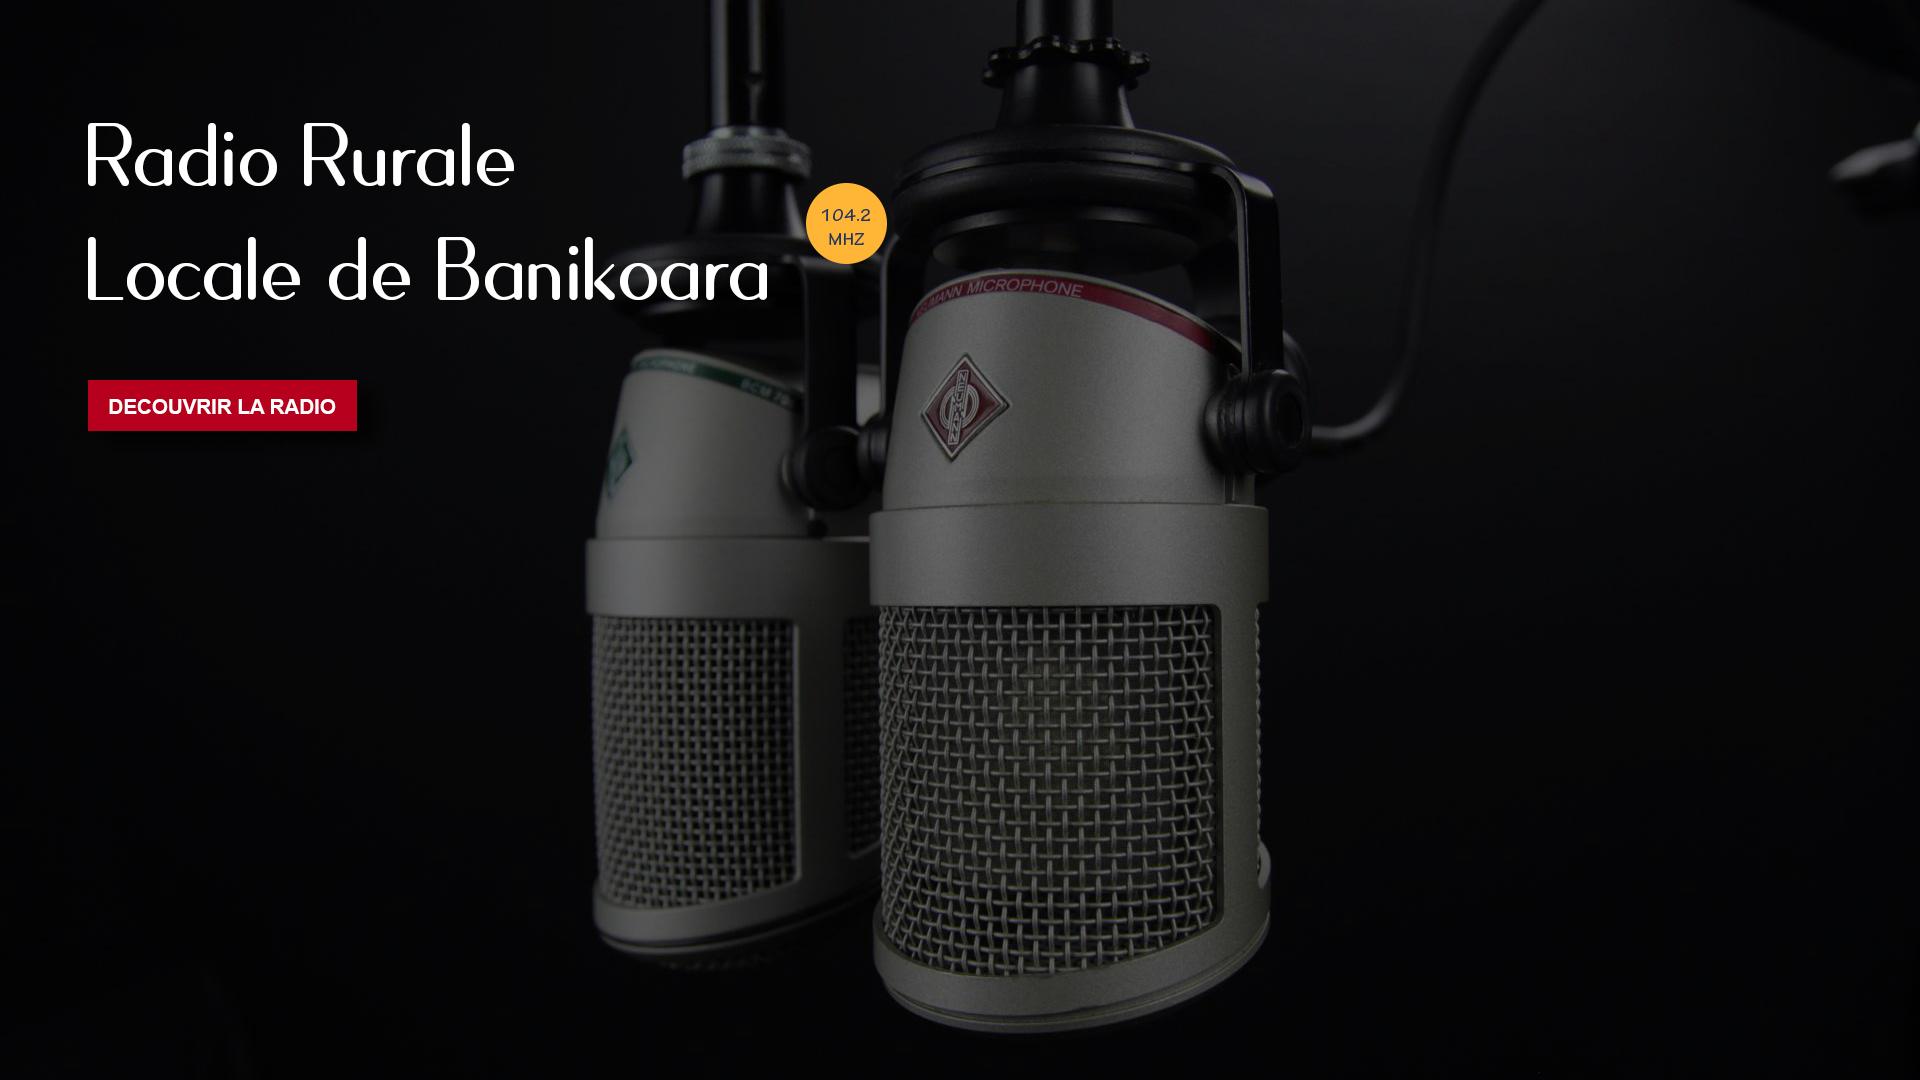 Bienvenue sur le portail de Radio Rurale Locale de Banikoara